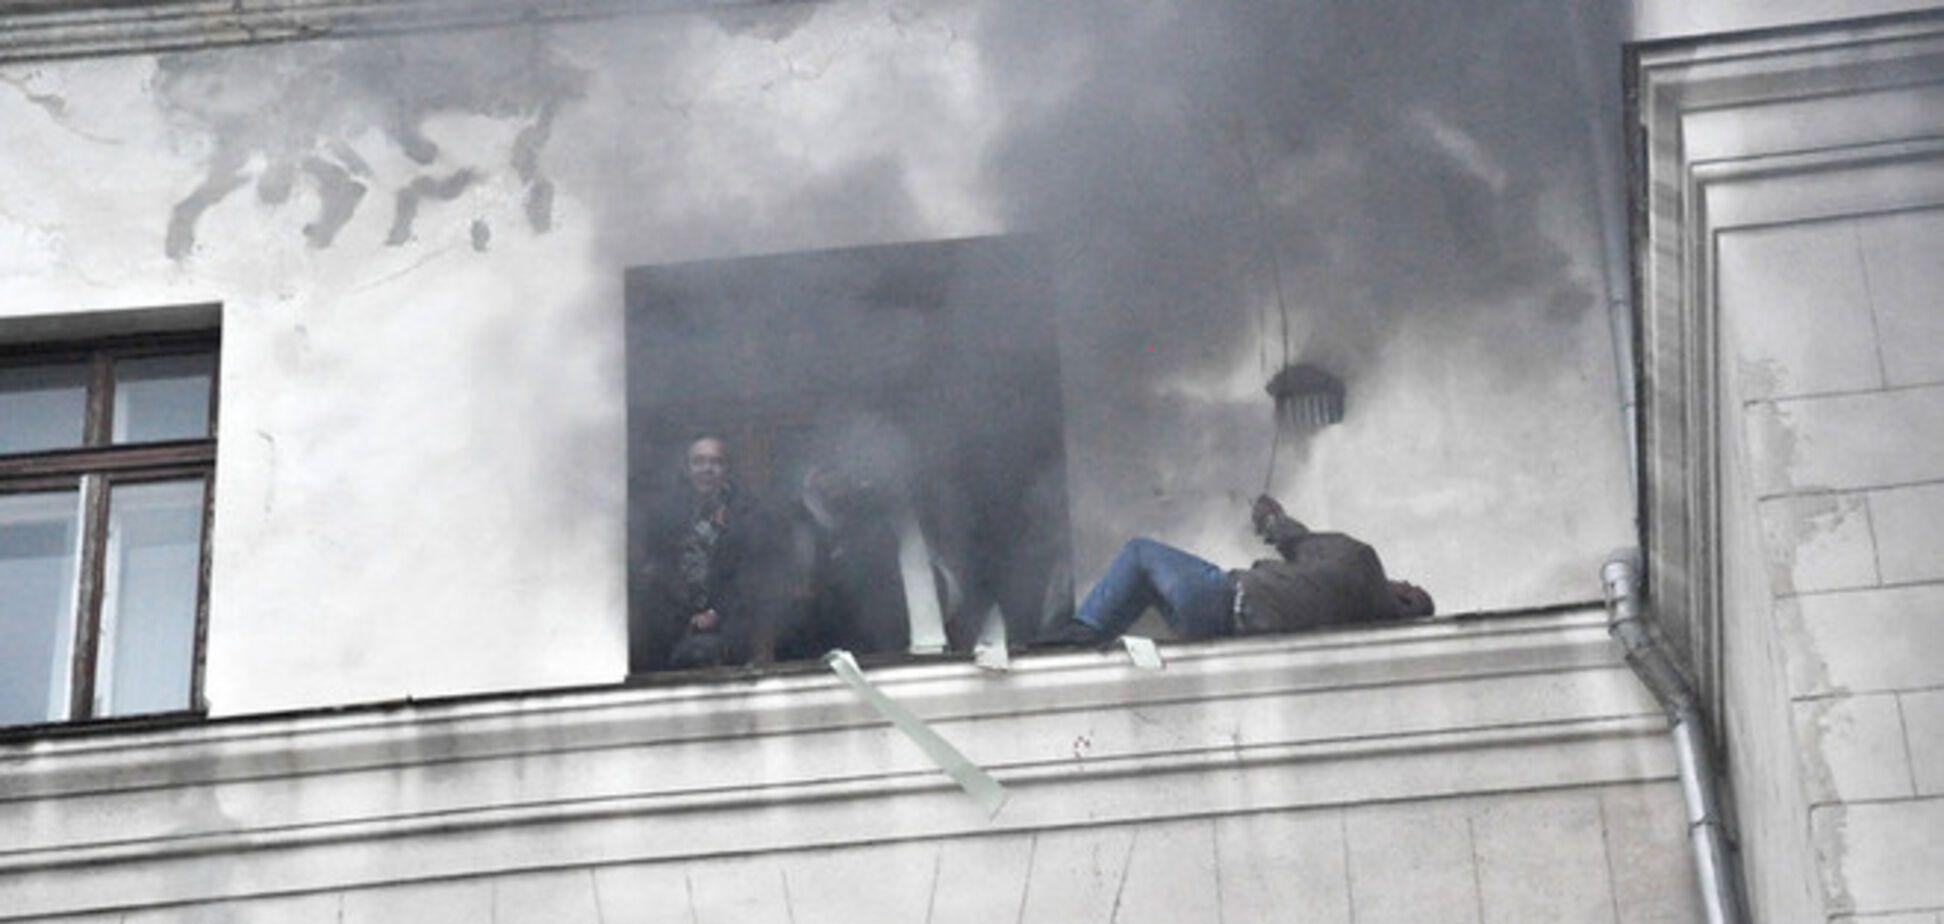 МВД: пособники террористов сами подожгли Дом профсоюзов, бросая 'коктейли Молотова'